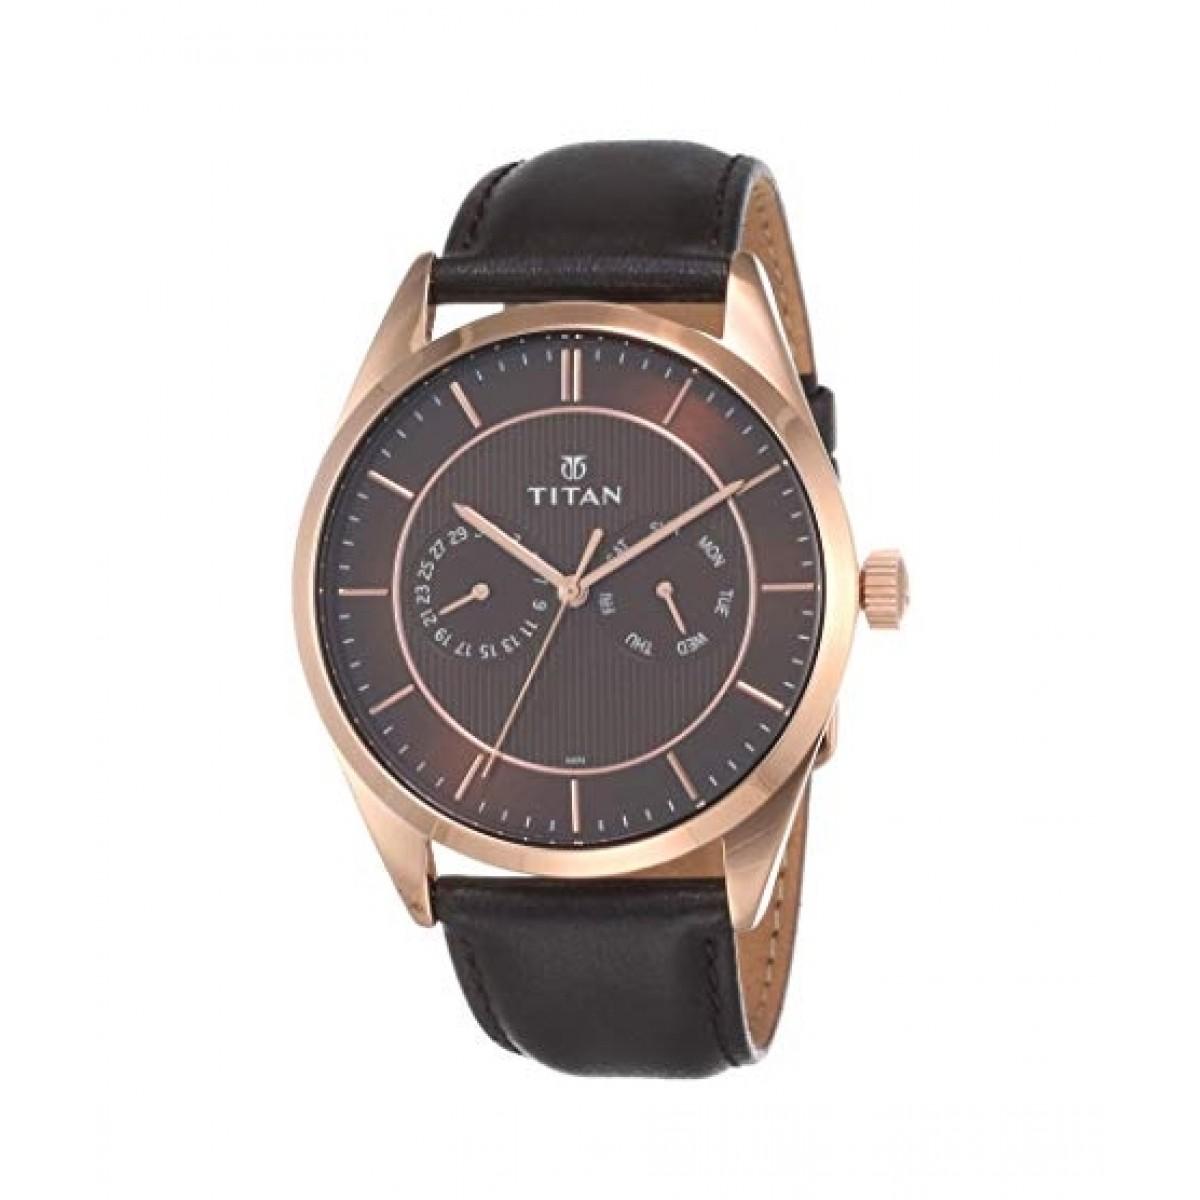 Titan Slimline Men's Watch Black (90098WL01)